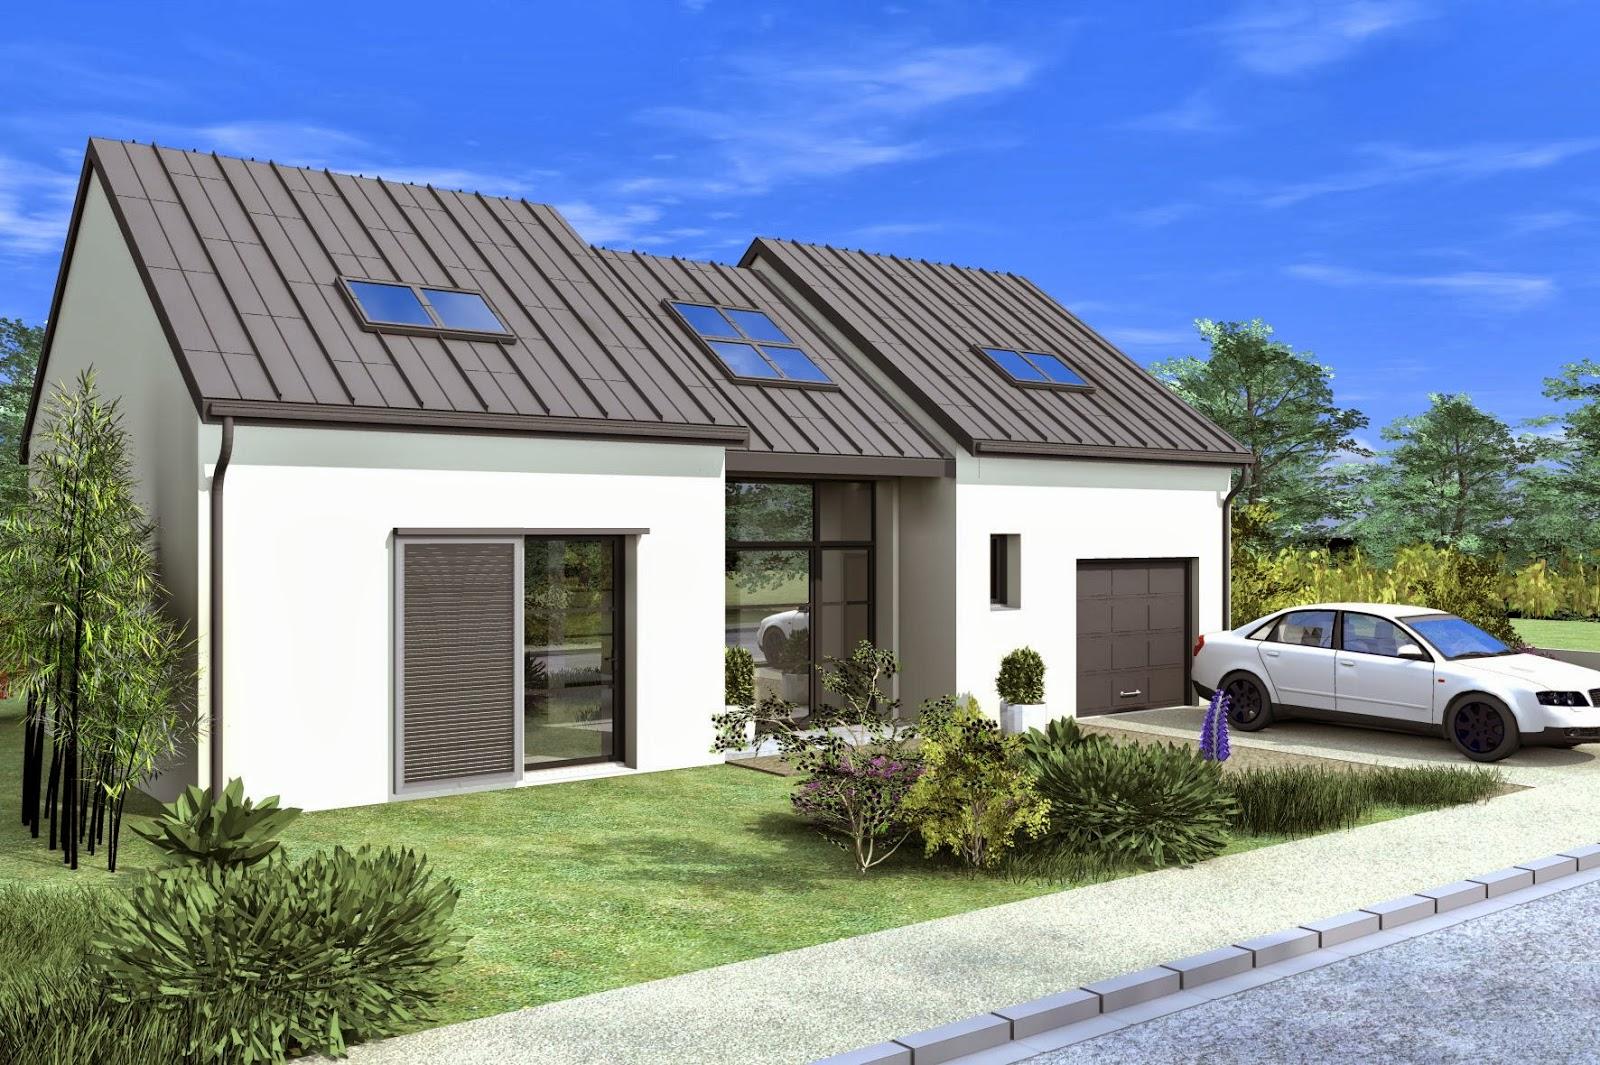 choisir une porte dentr e maison id e inspirante pour la conception de la maison. Black Bedroom Furniture Sets. Home Design Ideas